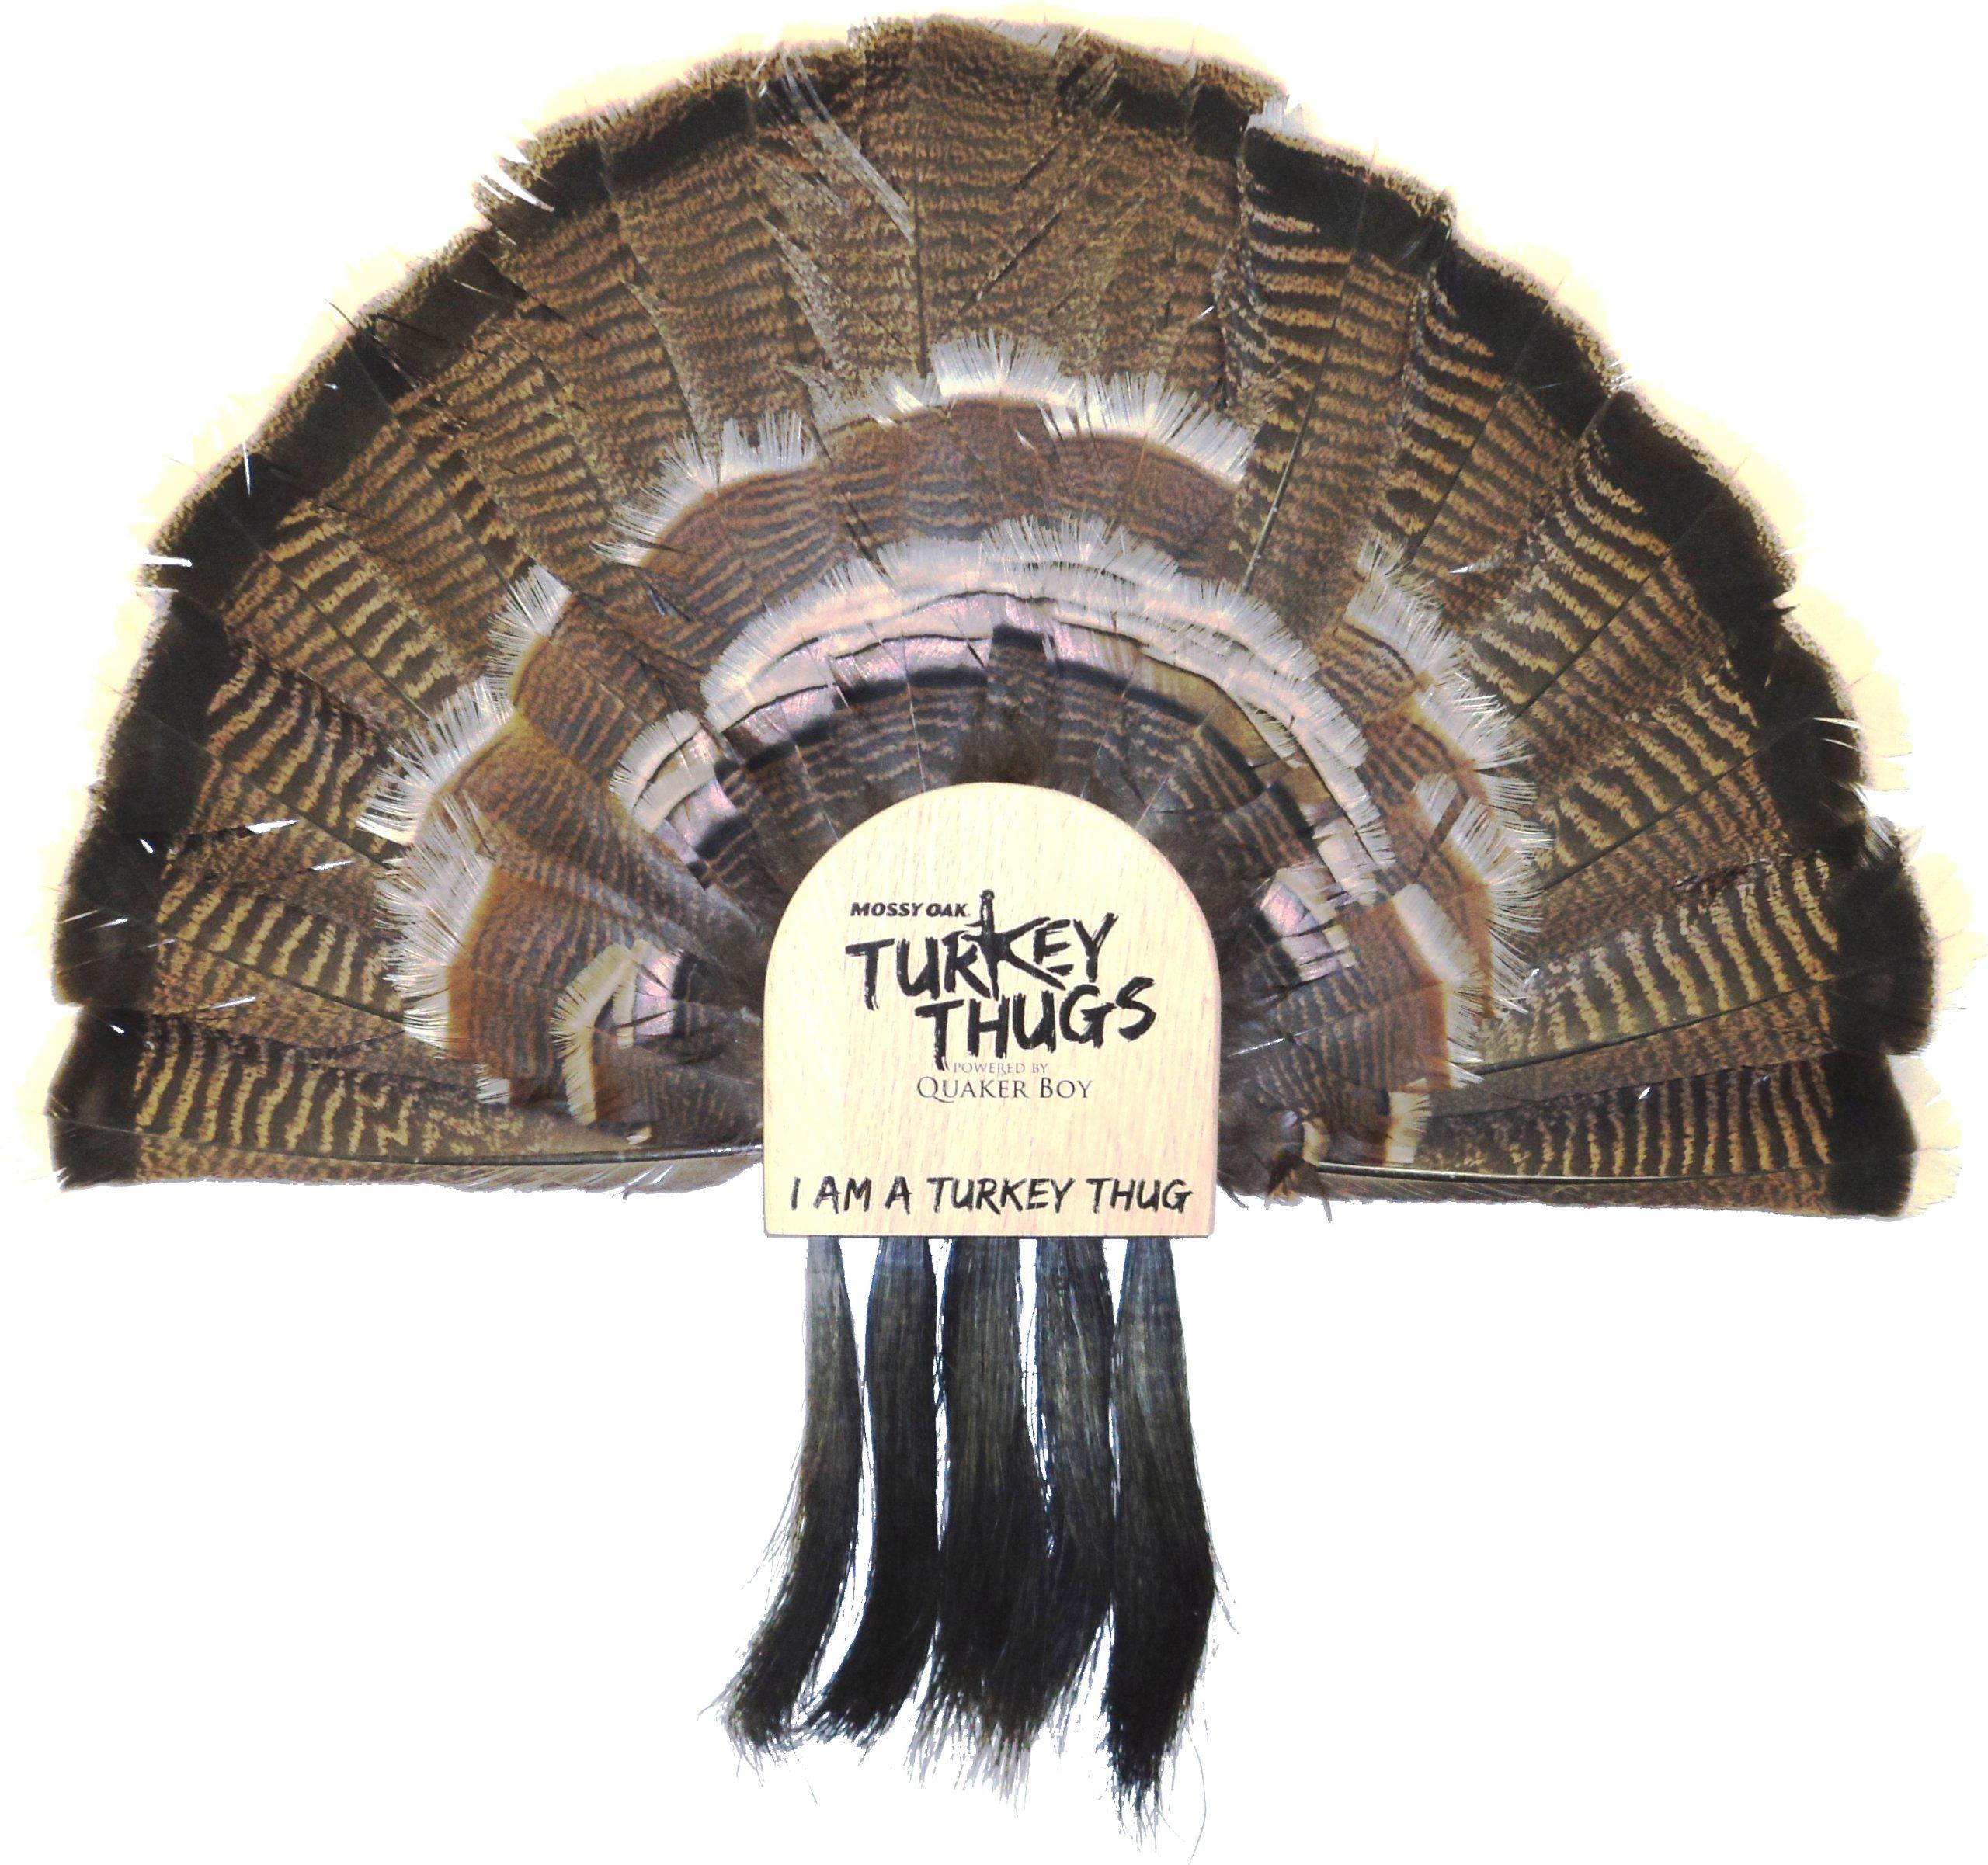 Quaker Boy Turkey Thugs Fan Mount 5 Beard Holder by Quaker Boy (Image #1)